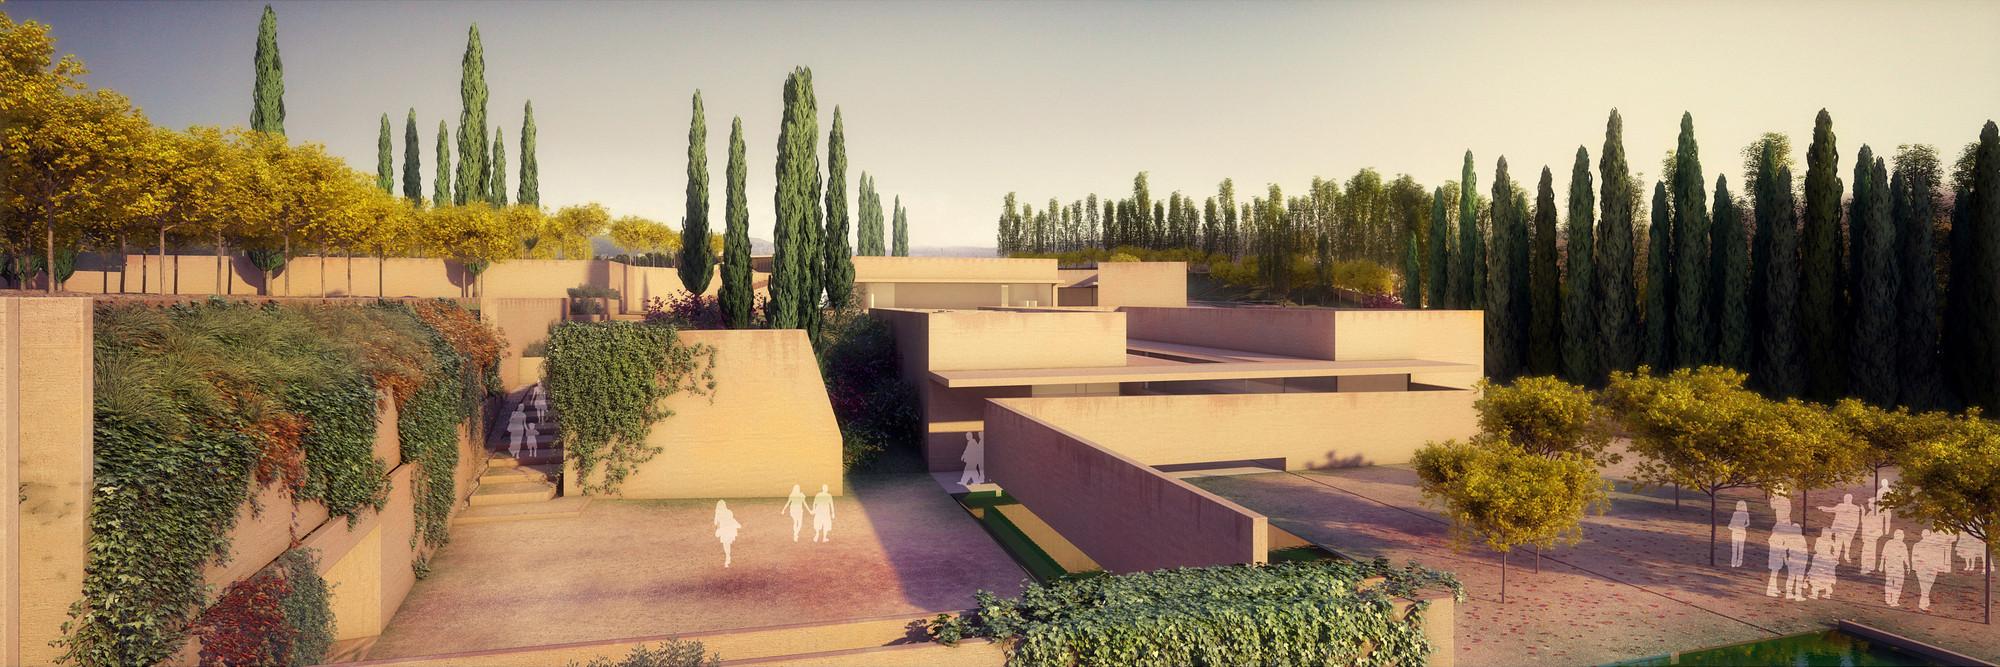 """Exposição """"Visões do Alhambra"""" mostra intervenção de Álvaro Siza em monumento histórico de Granada, Átrio Alhambra I Pátio Hera. Image © Alvaro Siza Vieira + Juan Domingo Santos; Render por LT Studios"""